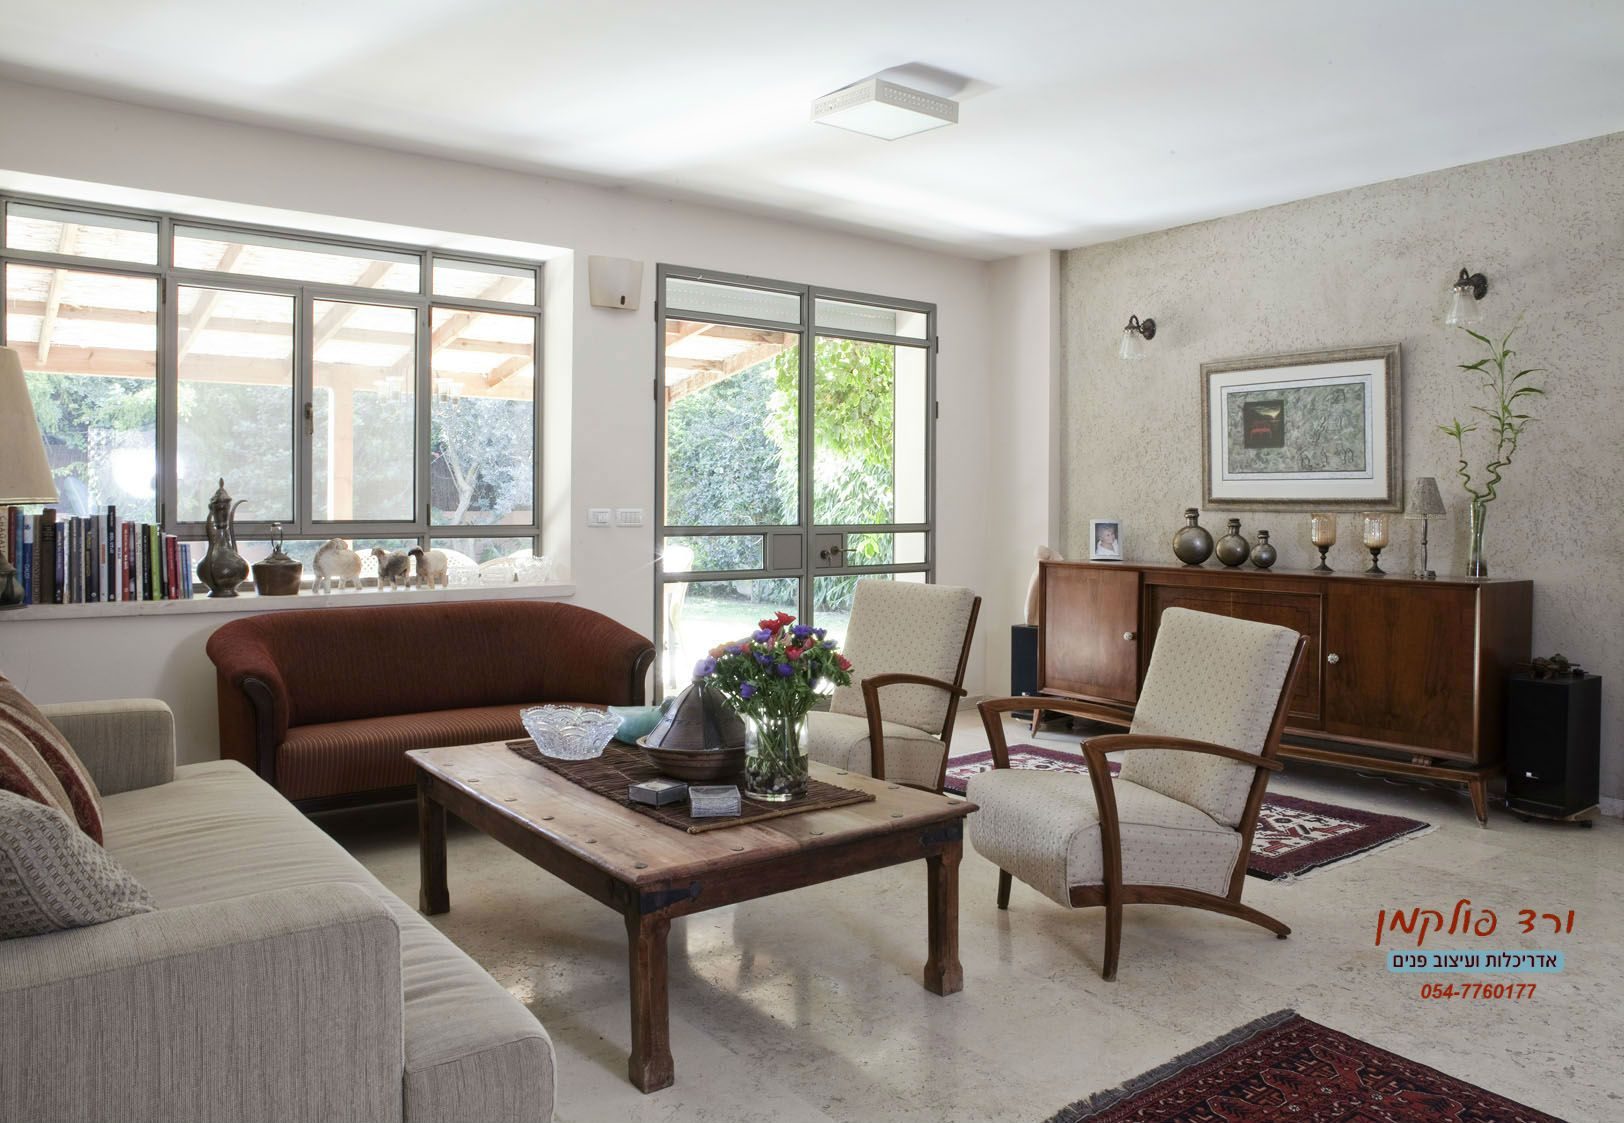 סלון עם כורסאות של הסבתא | שני שיפוצים בבית אחד | Pinterest